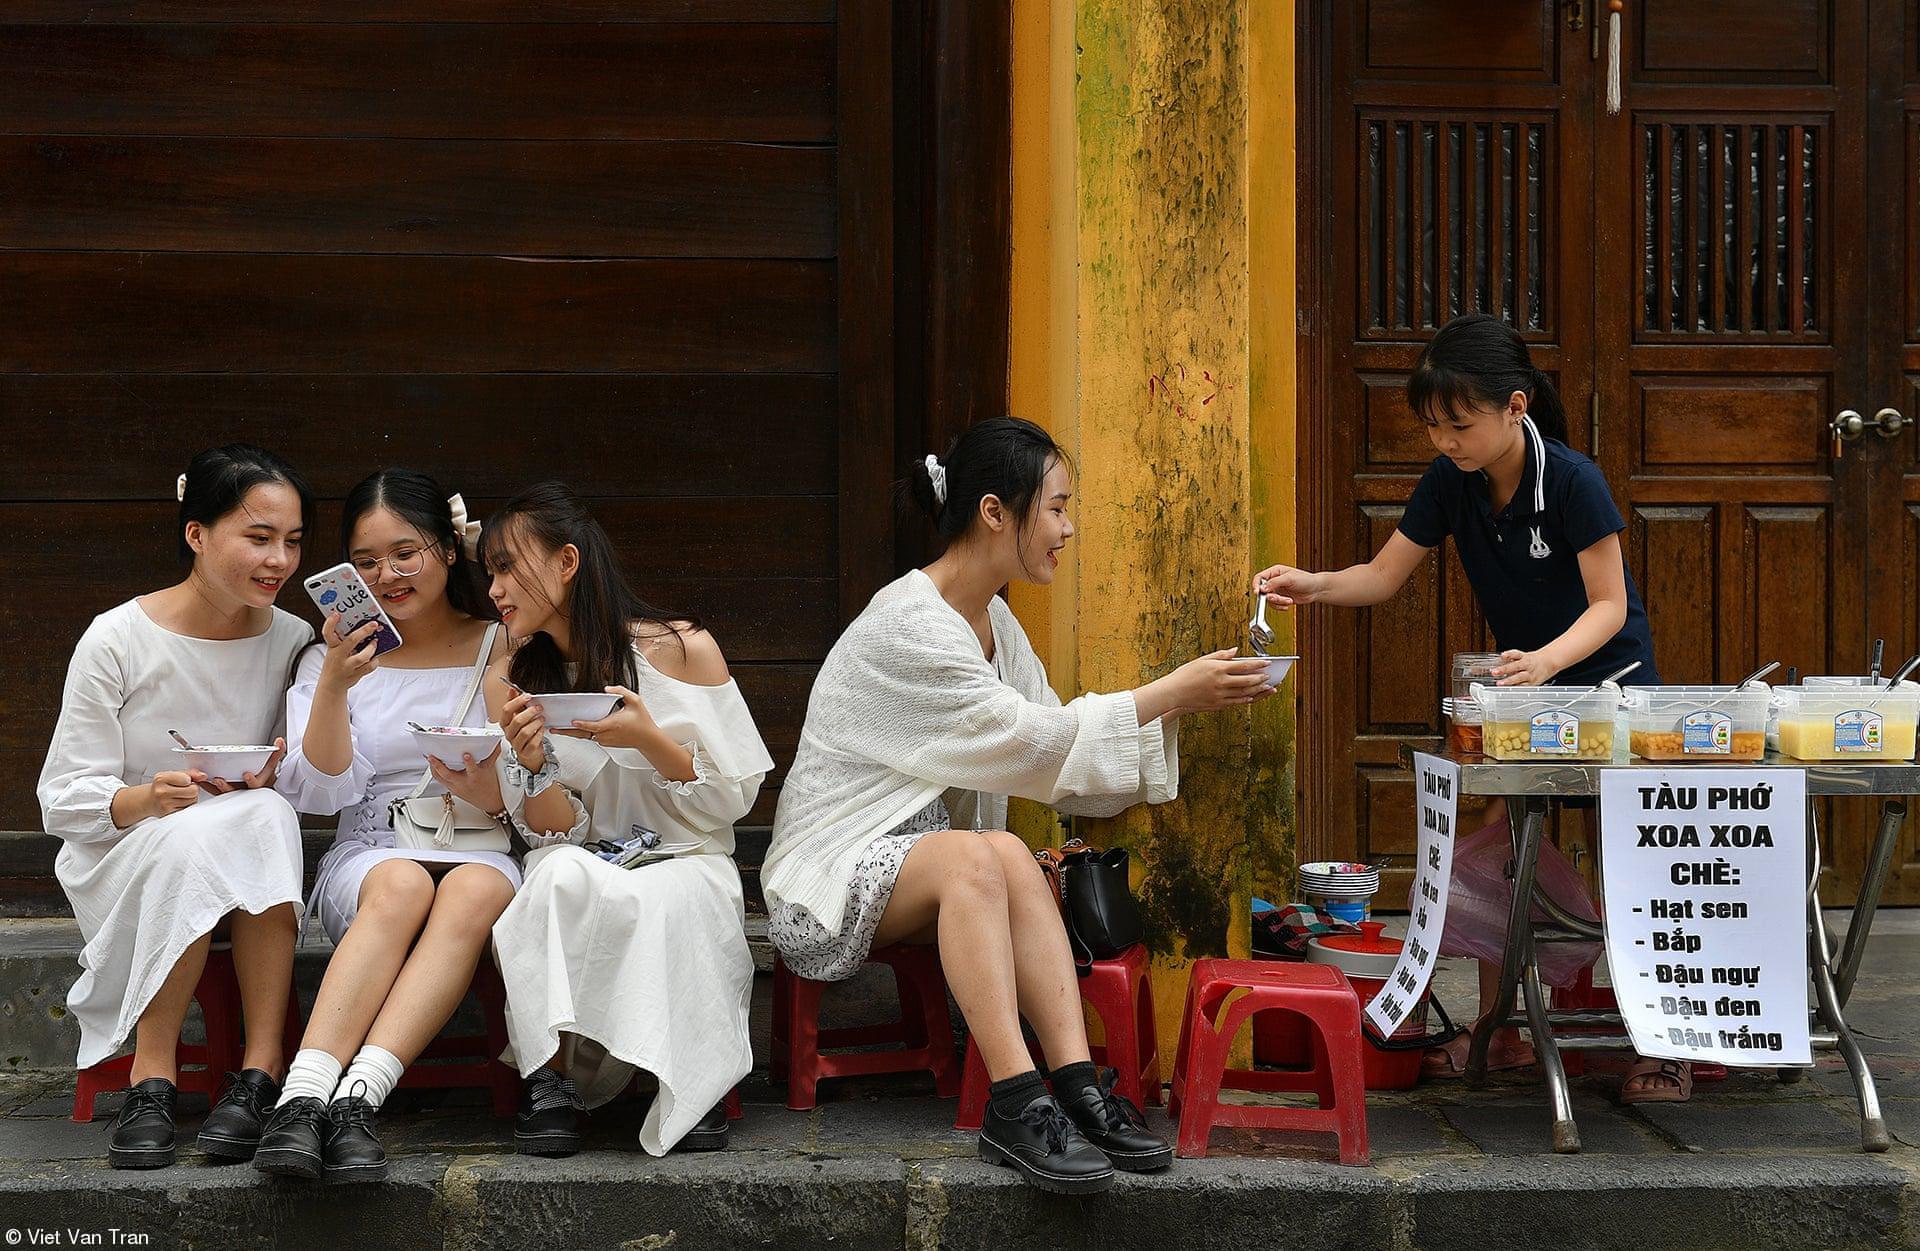 Το βραβείο Street Food πήγε στη φωτογραφία «Απολαμβάνοντας» του Βιετ Βαν Τραν, Βιετνάμ. Σε μια παλιά πόλη και τουριστικό προορισμό στο κεντρικό Βιετνάμ, με πολλούς πωλητές σούπας στον δρόμο τέσσερα κορίτσια τρώνε τη σούπα τους και σε κάνουν να σκέφτεσαι ότι η ζωή είναι ωραία ακόμη και στην πανδημία